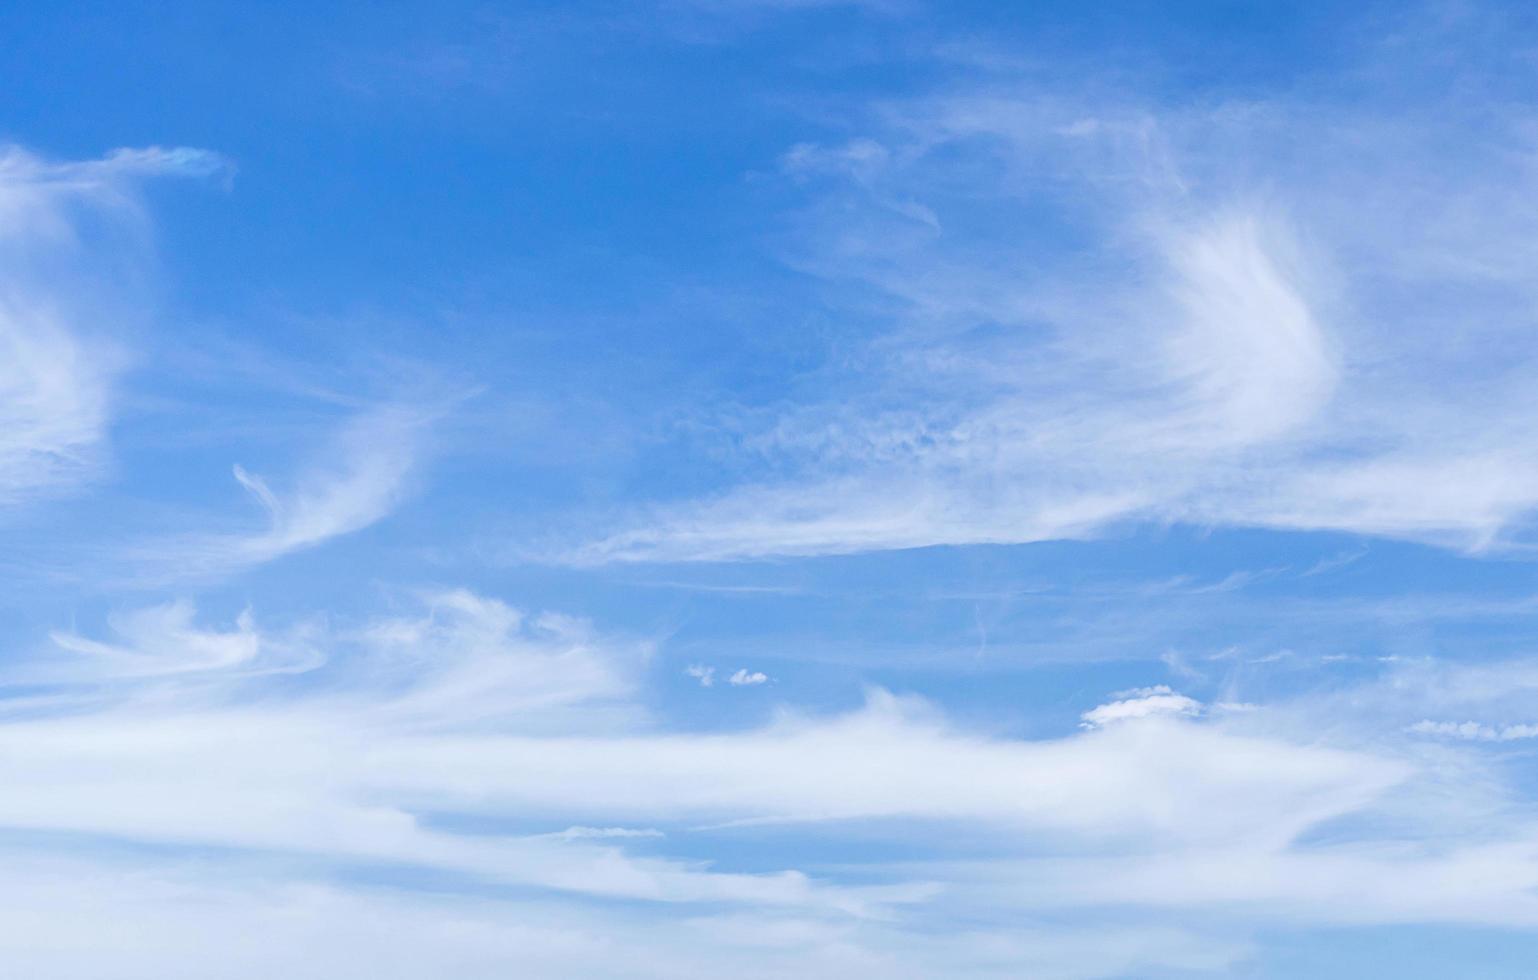 céu nublado azul foto